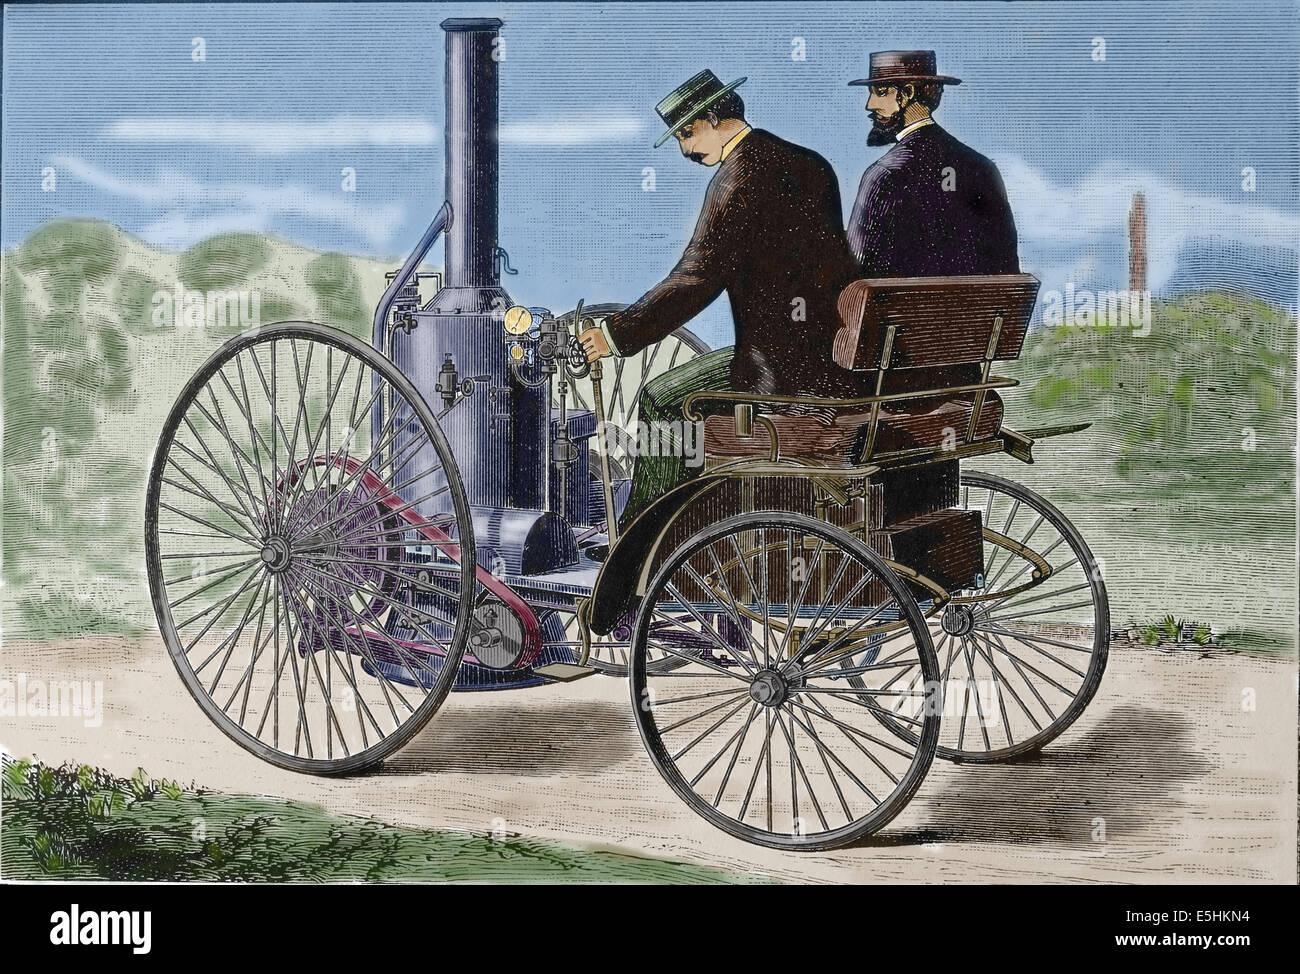 La storia. Il trasporto. Vecchio veicolo. Automobile a vapore. Incisione del XIX secolo. Colorazione successiva. Immagini Stock